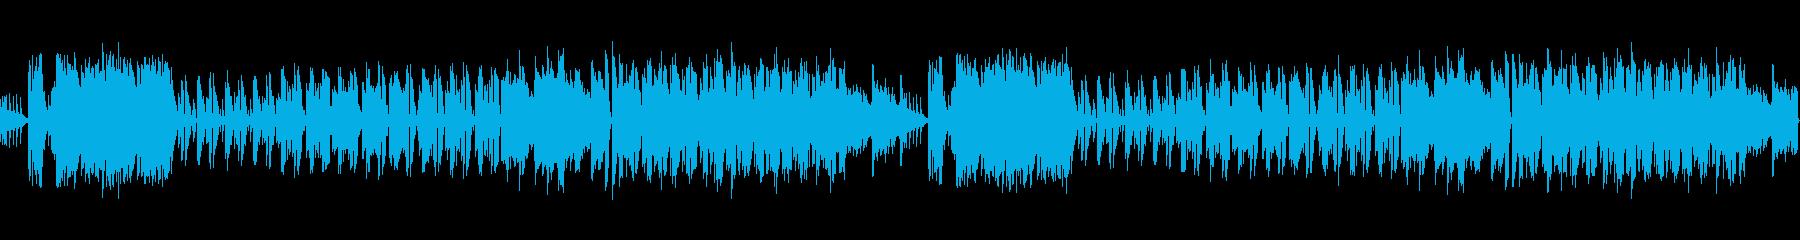 桜春琴和風ポップループ音源の再生済みの波形